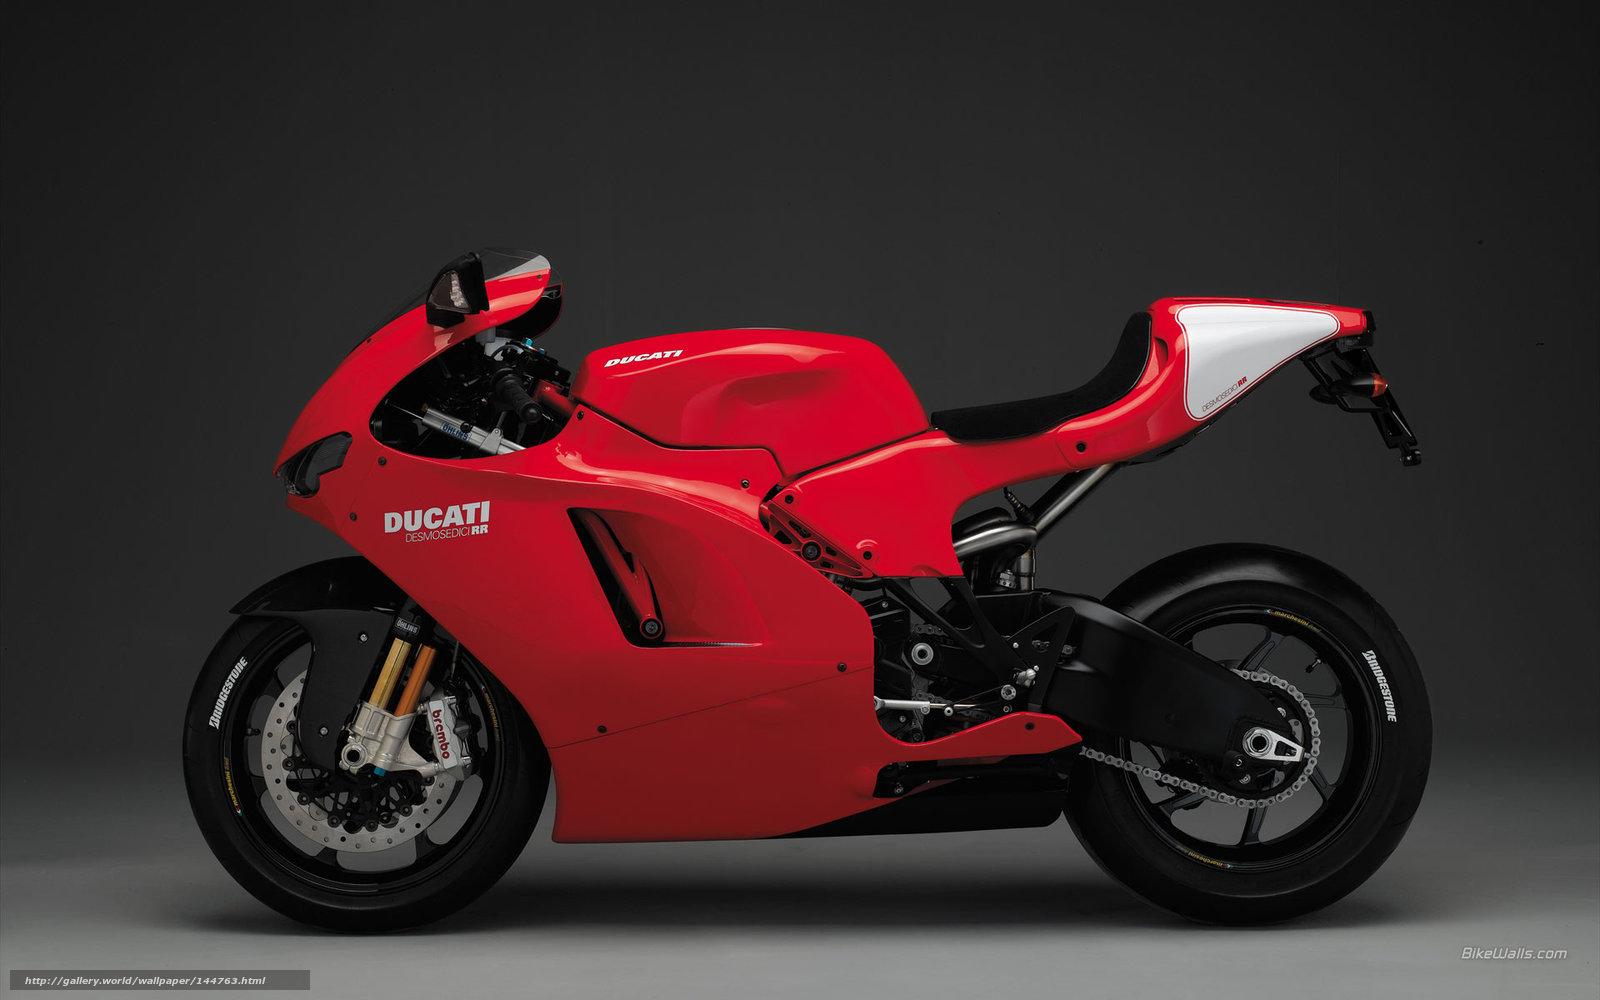 Скачать обои Ducati,  Superbike,  Desmosedici RR,  Desmosedici RR 2006 бесплатно для рабочего стола в разрешении 1920x1200 — картинка №144763